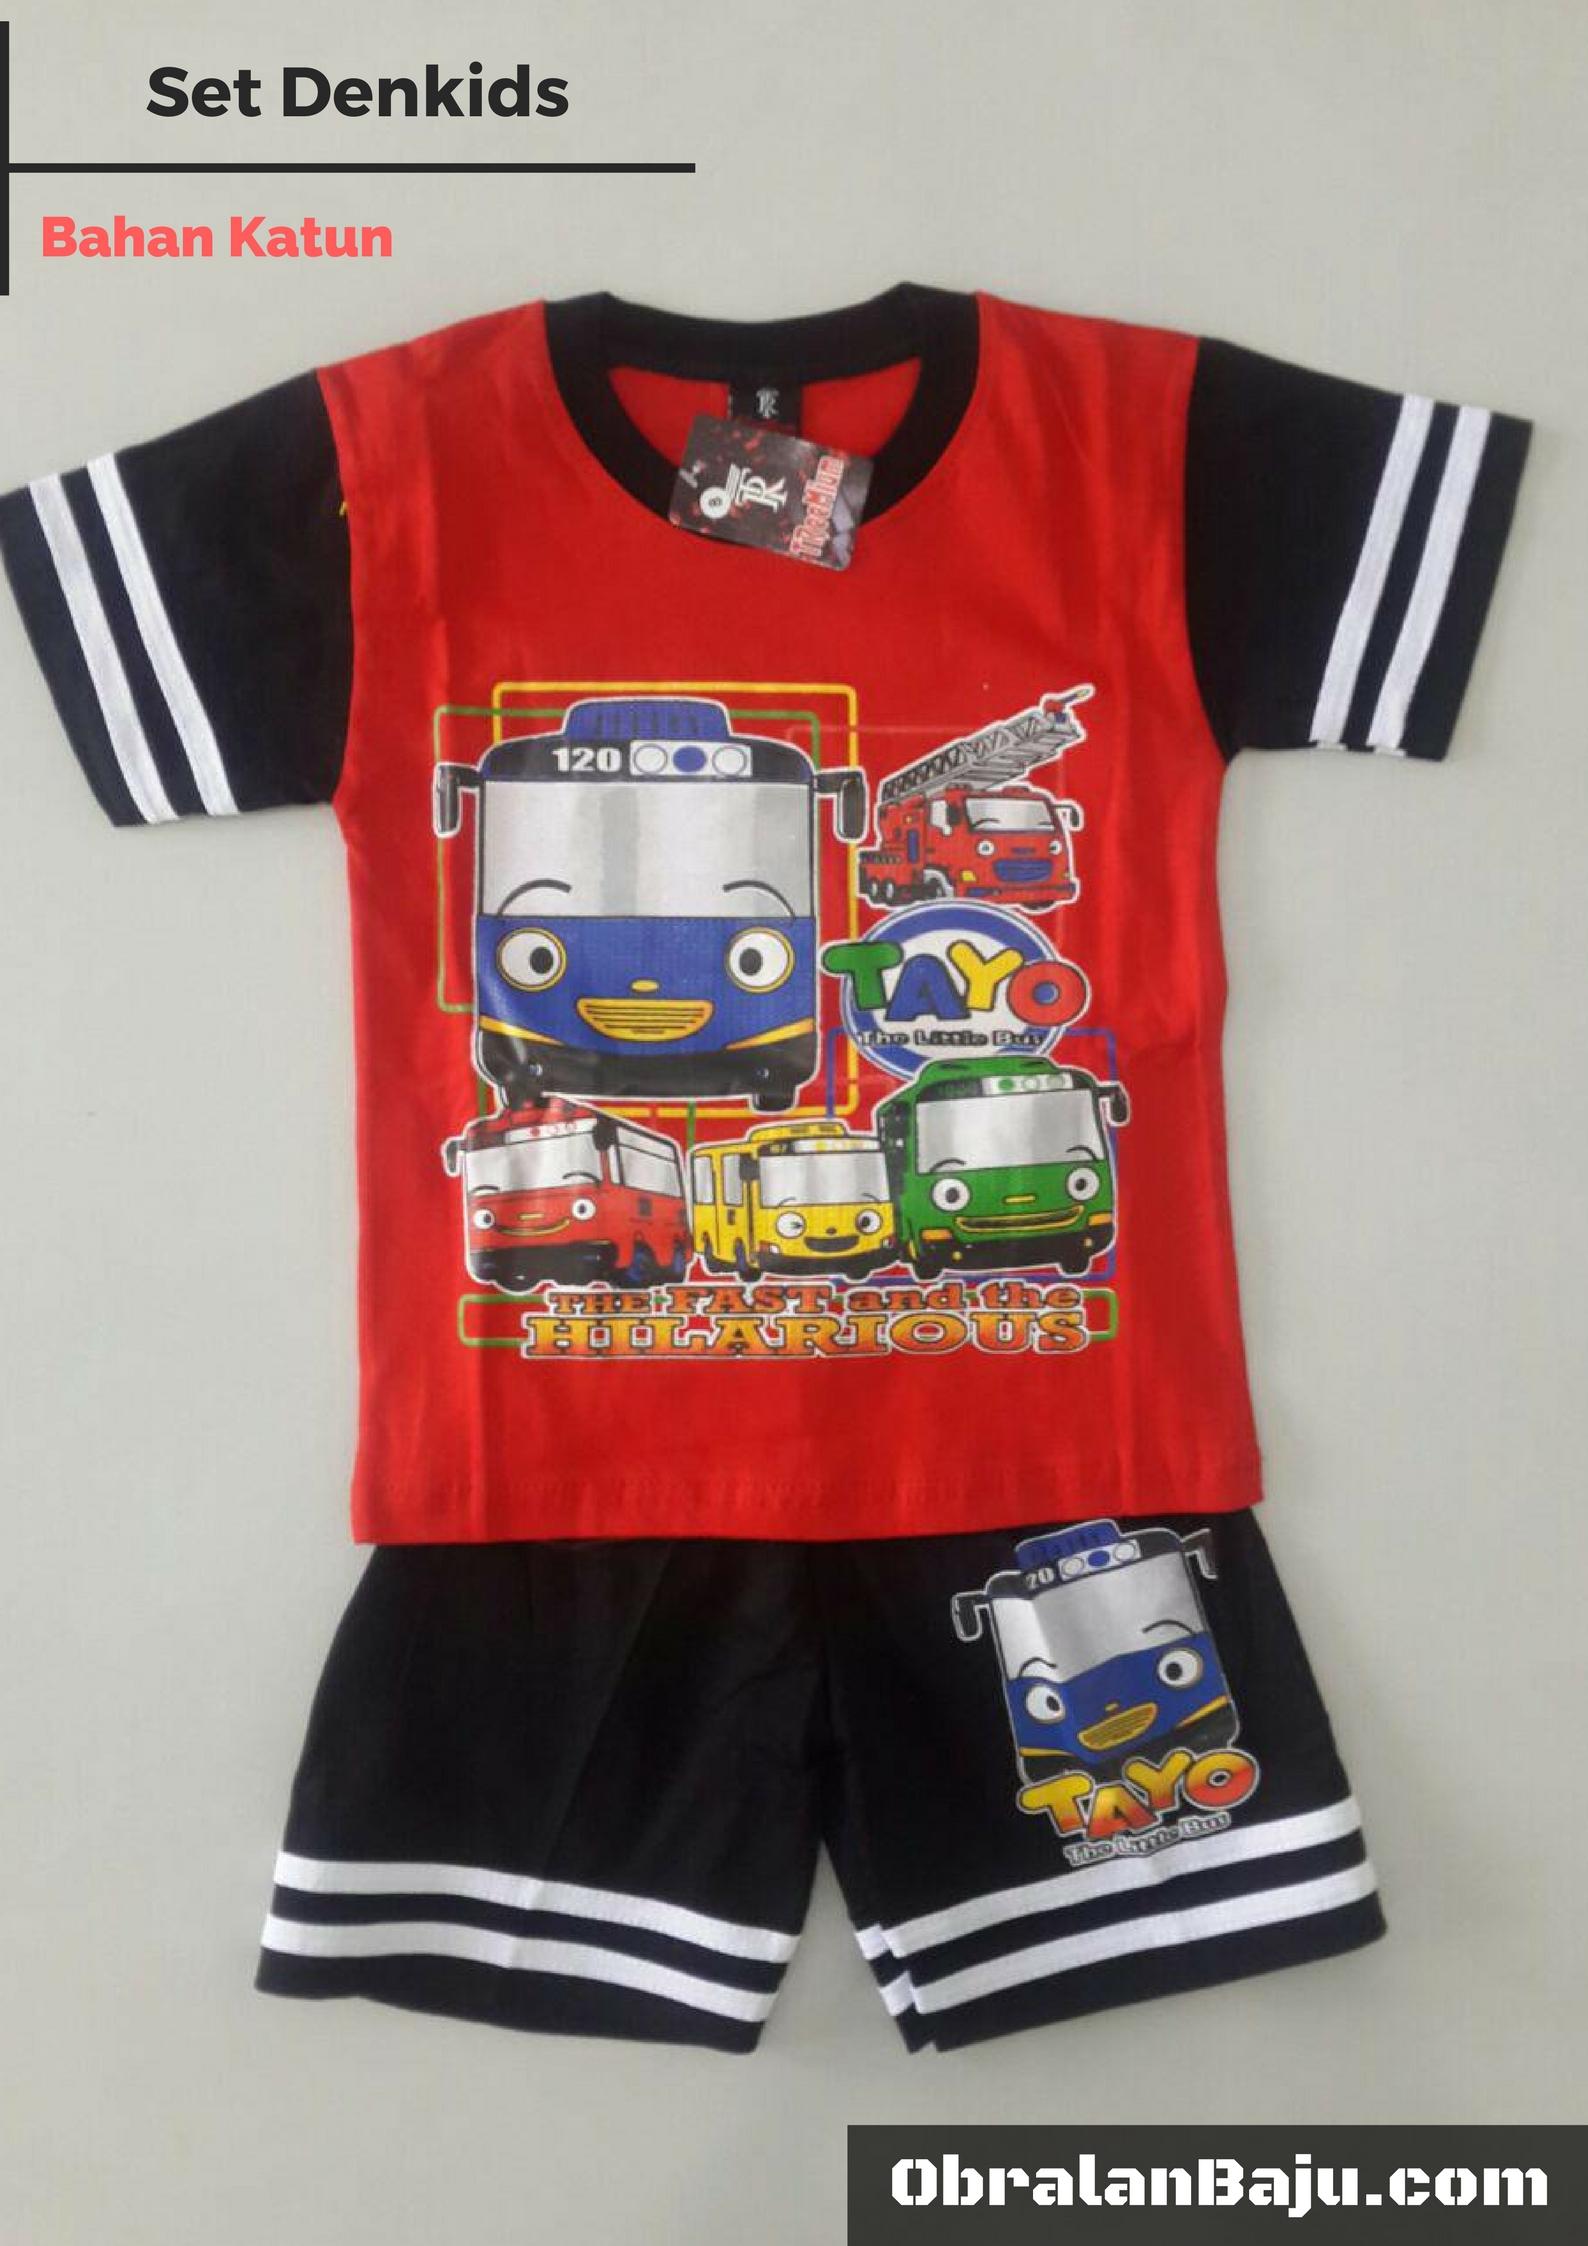 ObralanBaju.com Obral Baju Pakaian Murah Meriah 5000 Set Dens kids